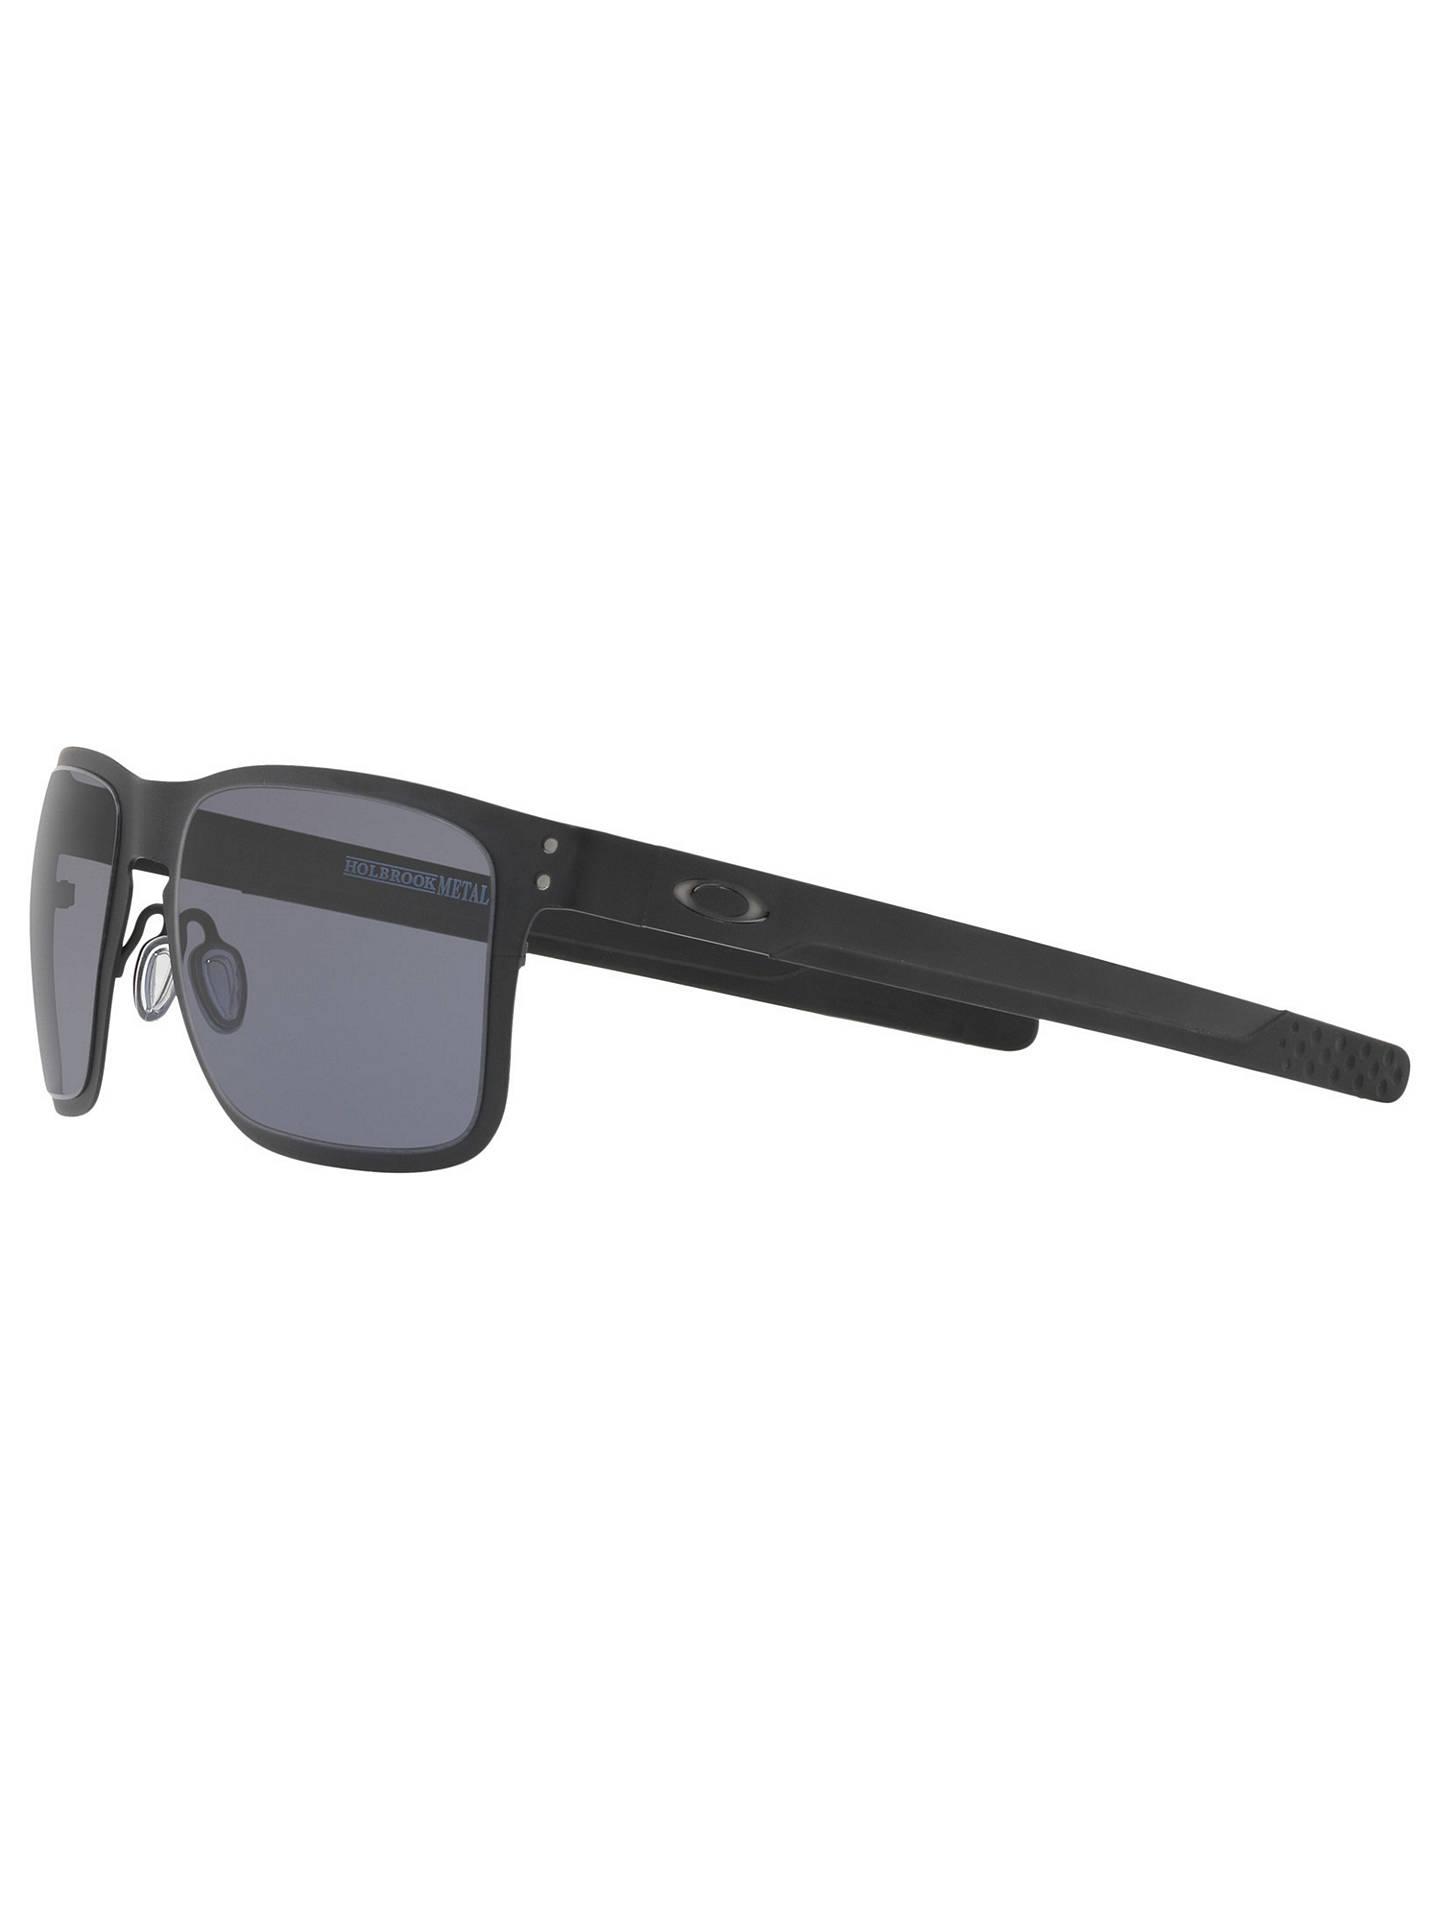 ea3ed9e7e0b Oakley OO4123 Men s Holbrook Metal Square Sunglasses at John Lewis ...